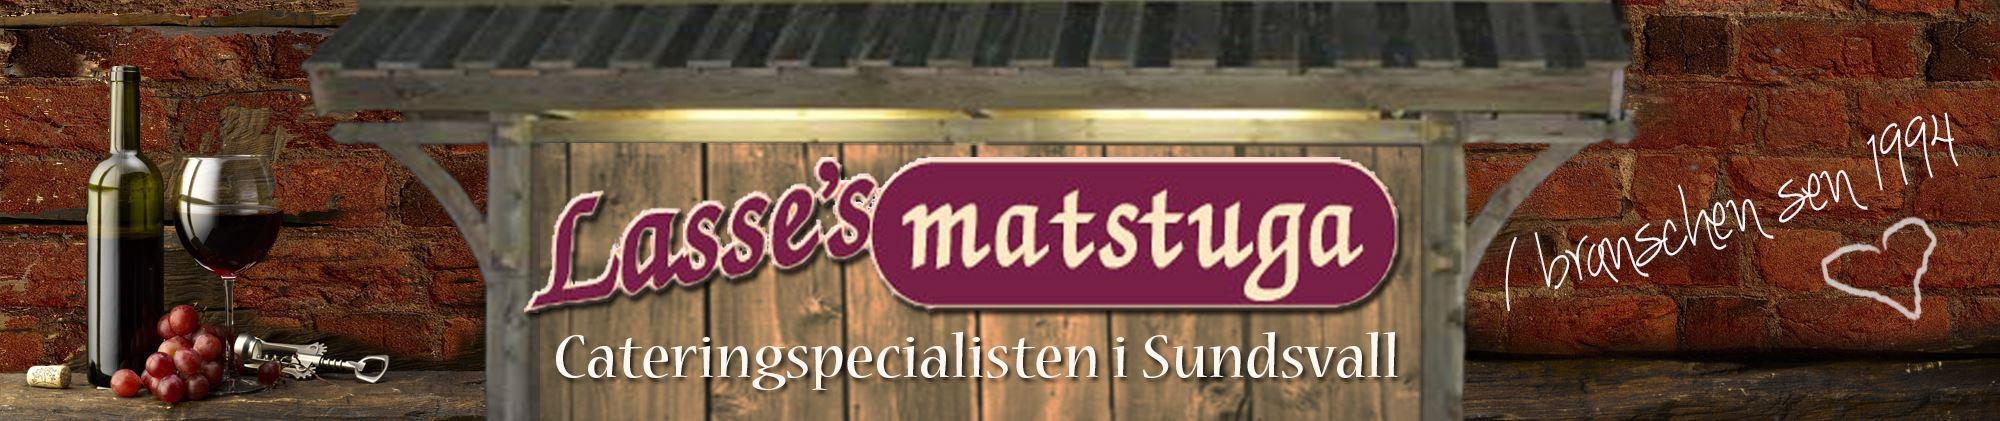 Lasses Matstuga